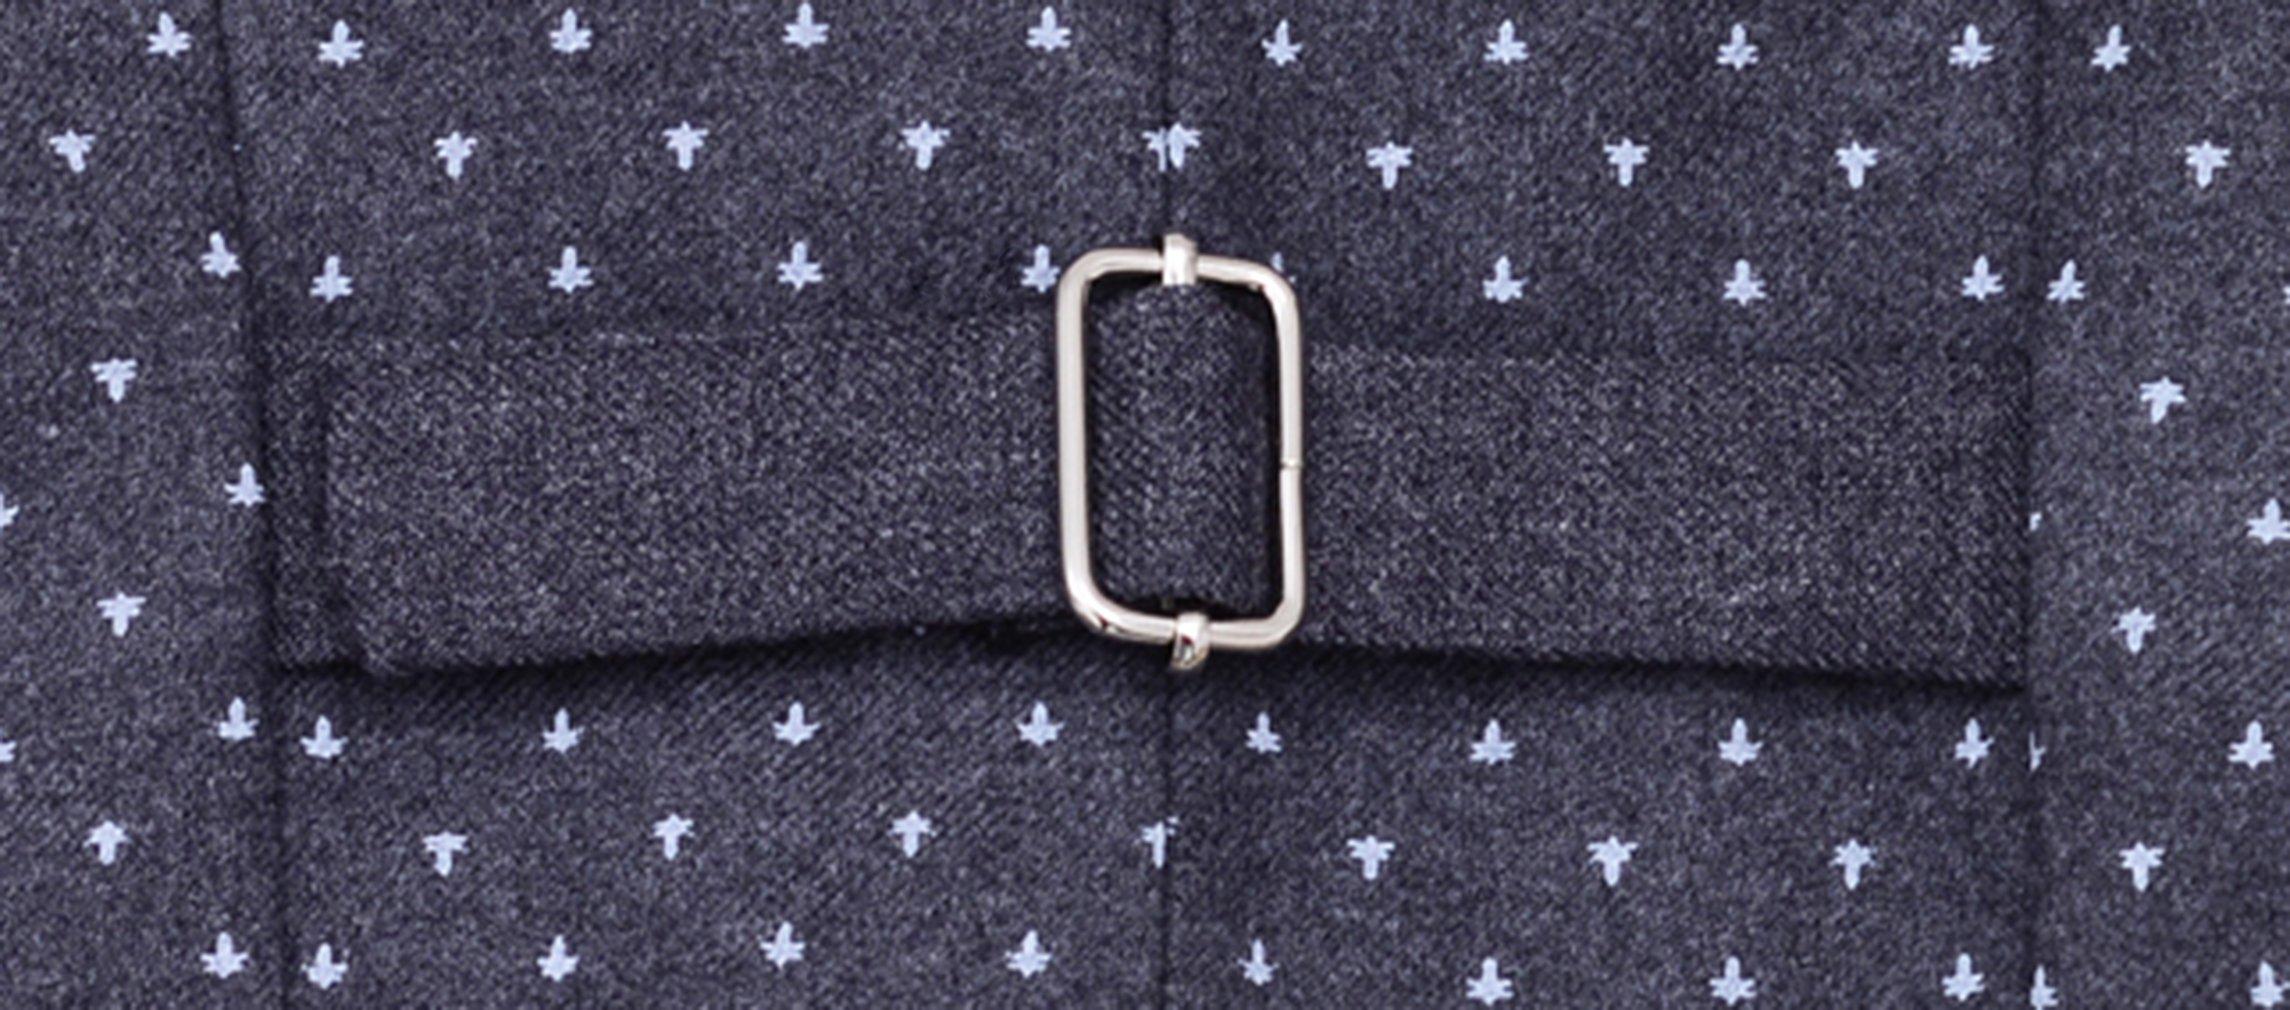 La Vogue Boys Formal 5 Piece Dress Suit Jacket Vest Shirt Pant and Bow S7 by La Vogue (Image #8)